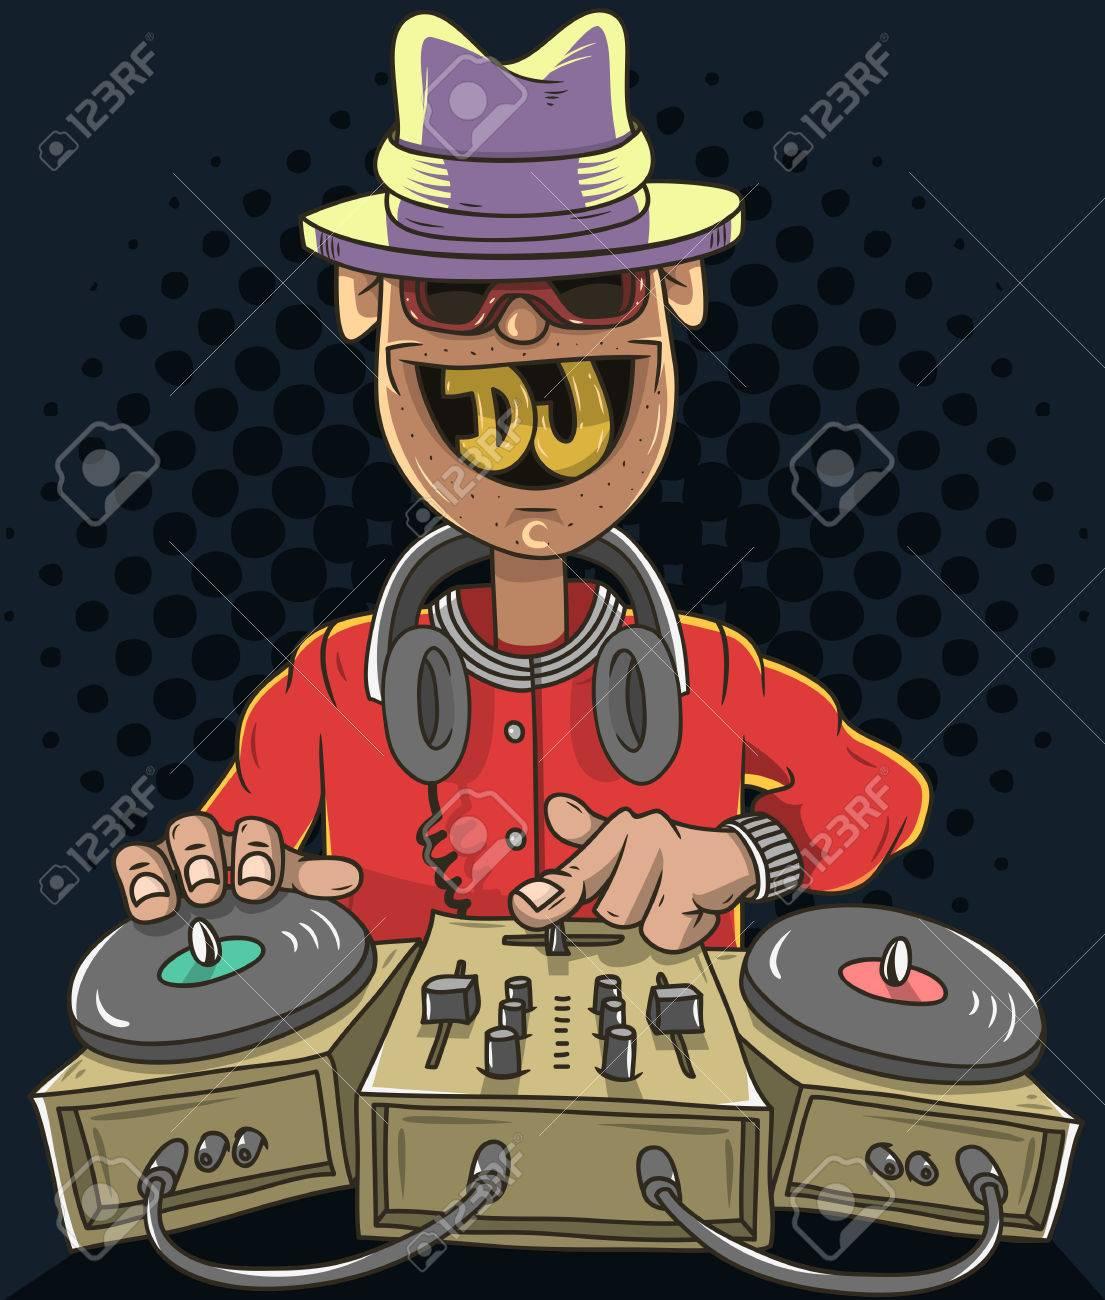 夜クラブ Dj サウンド ミキサーと笑みを浮かべて蓄音機で音楽を再生し ...